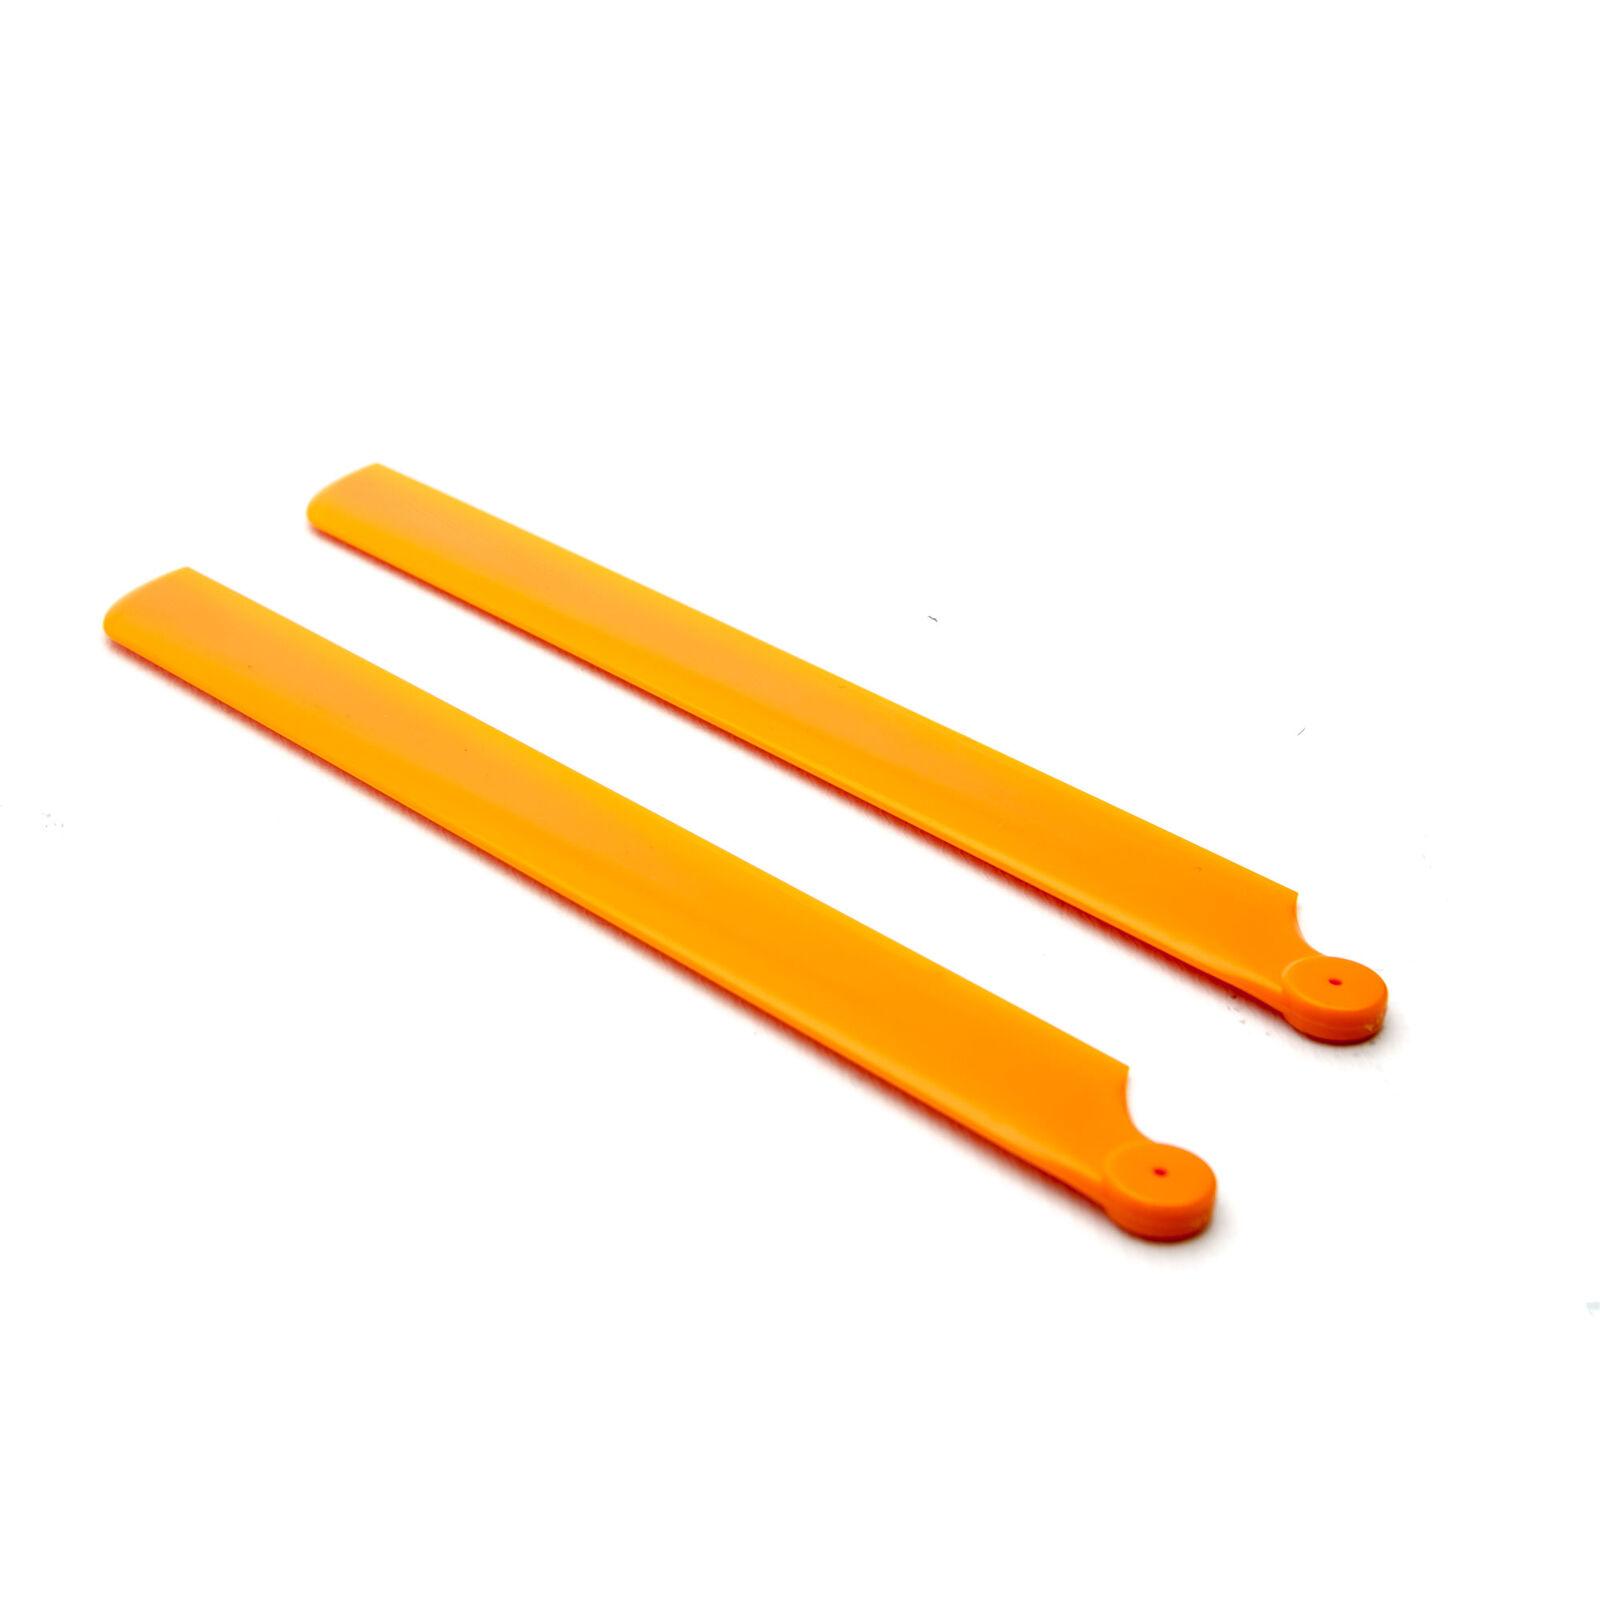 Main Rotor Blade Set, Orange: Blade 230 S